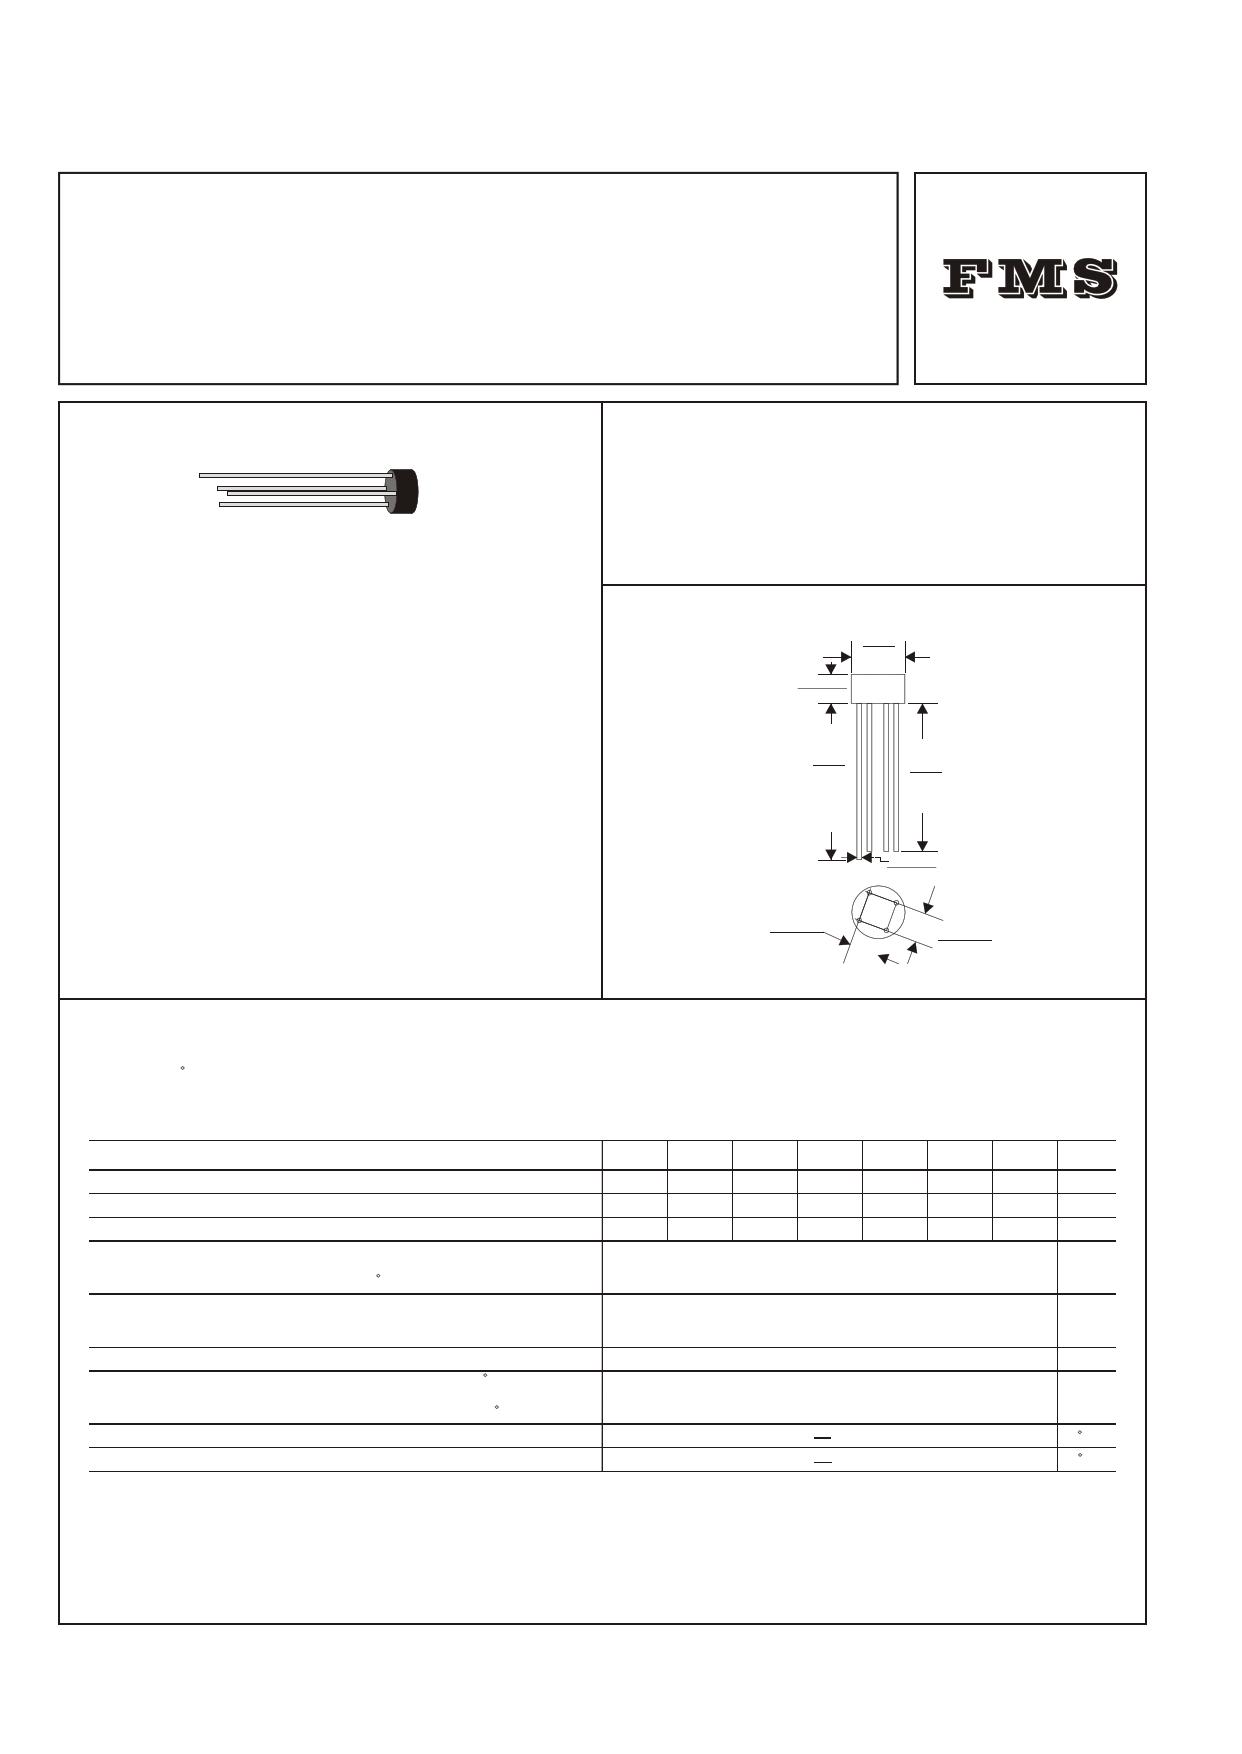 W005M Hoja de datos, Descripción, Manual